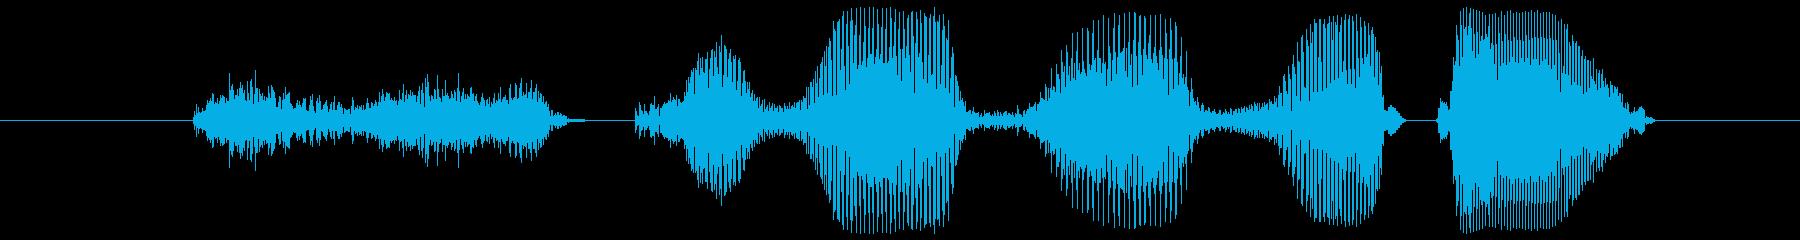 続きはwebで!【①元気/アニメ声】の再生済みの波形